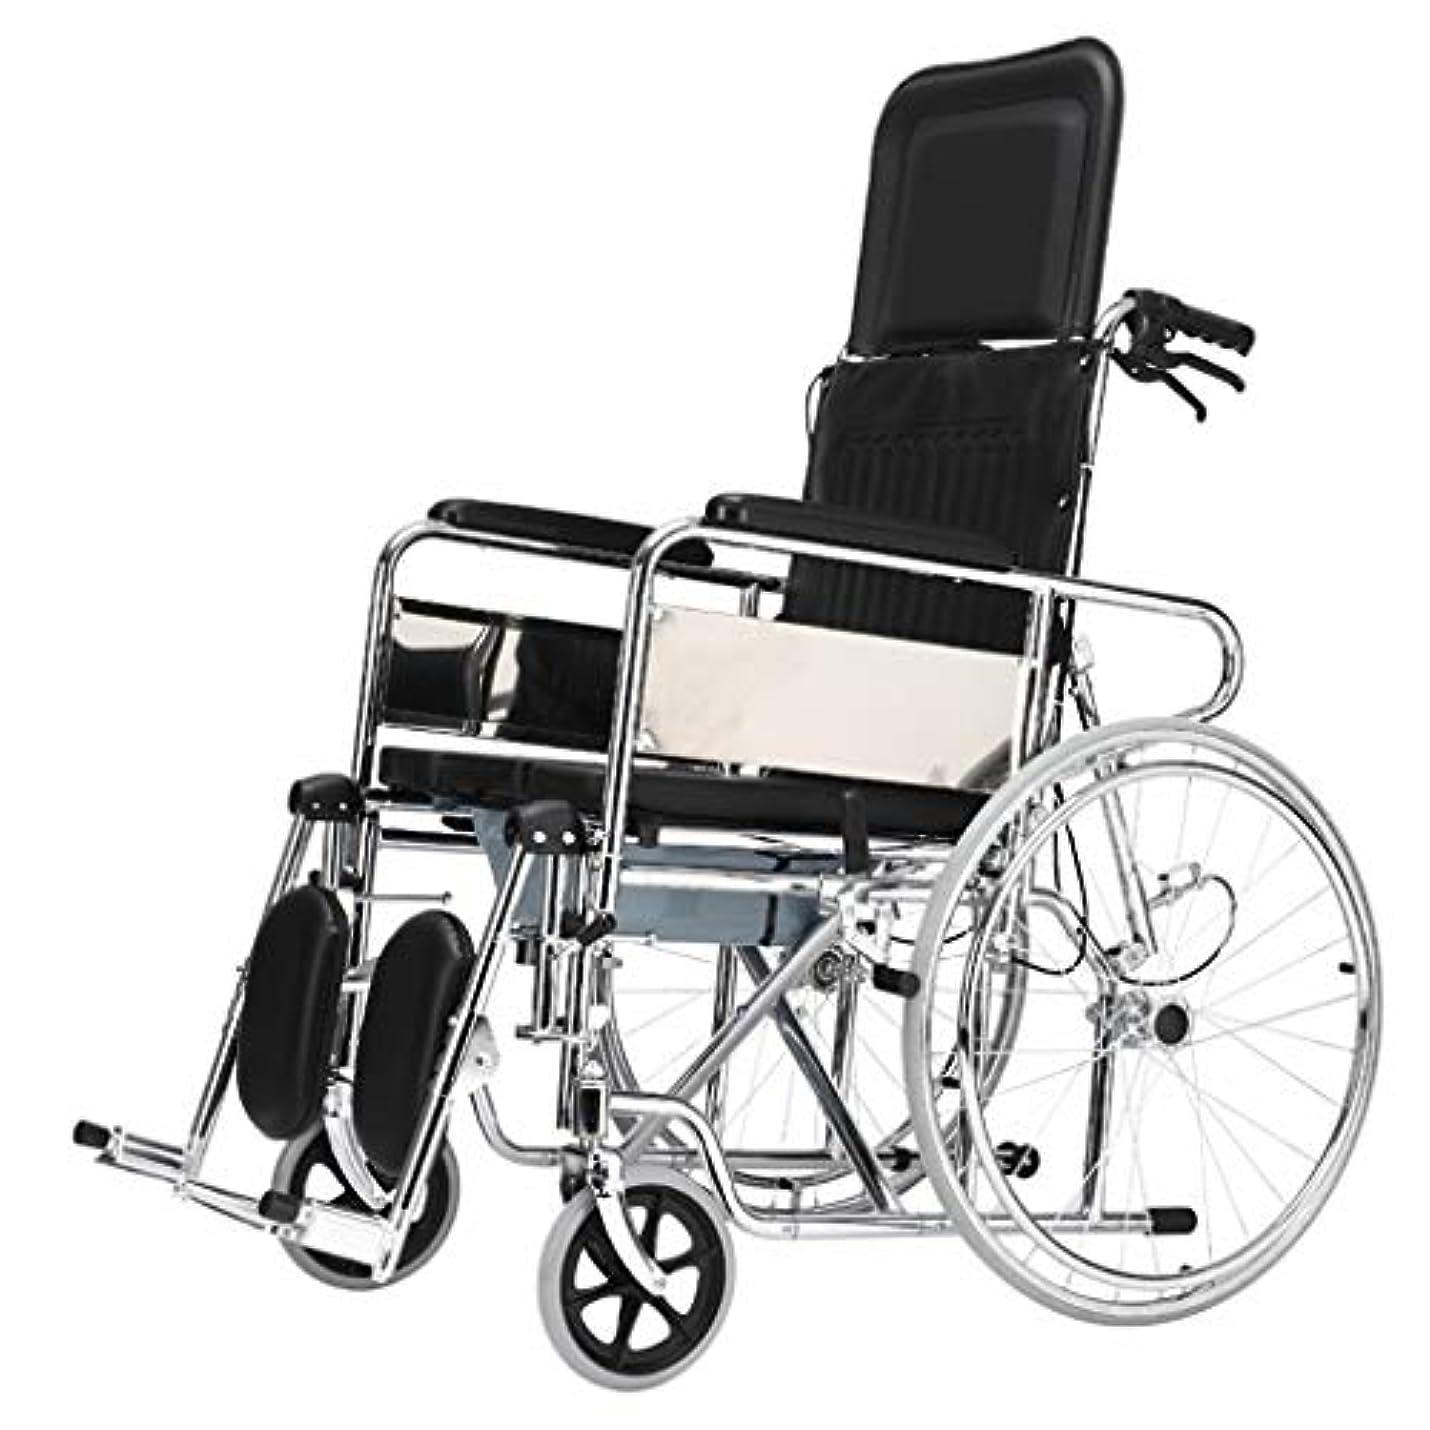 愛国的なデッドドラッグ車椅子トロリー屋外旅行パートナー、多機能フルレイ/セミライニングデザイン、高齢者障害者車椅子